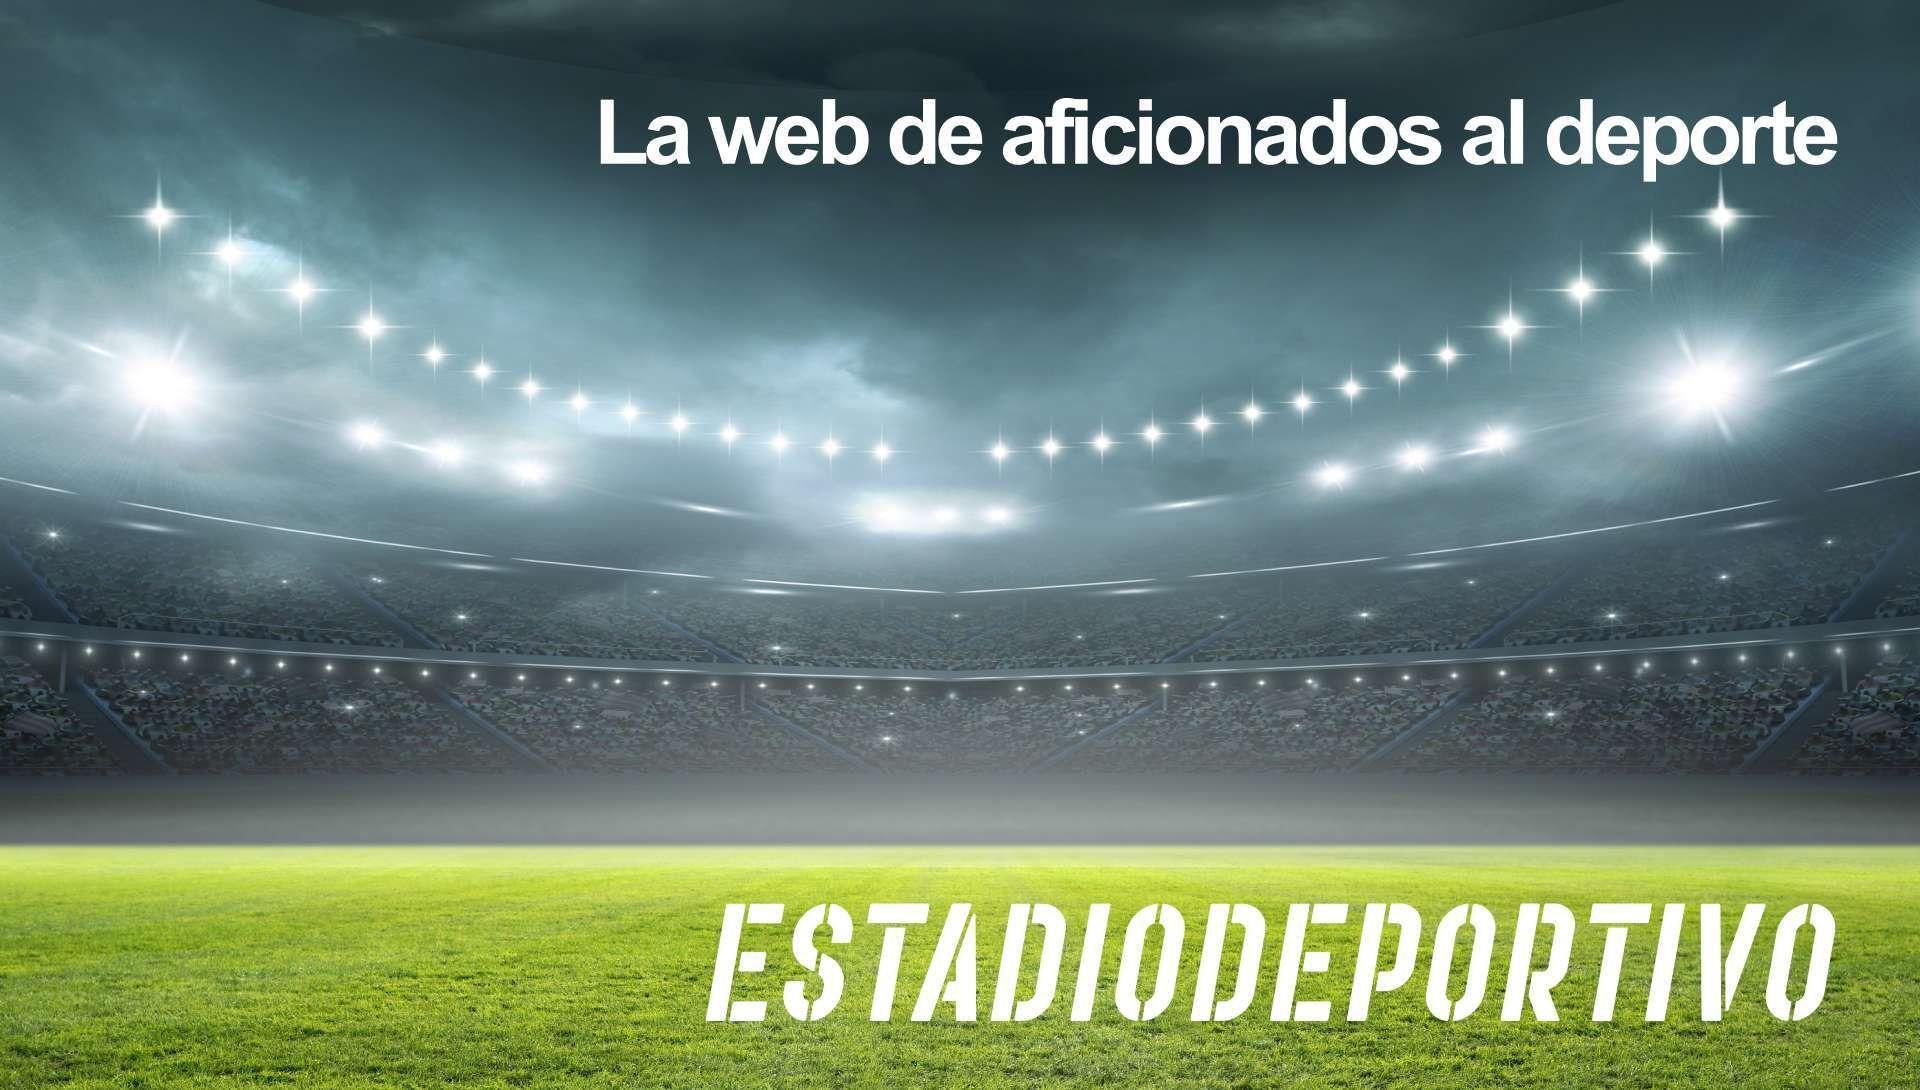 Las 17 medallas de España en Río, en imágenes